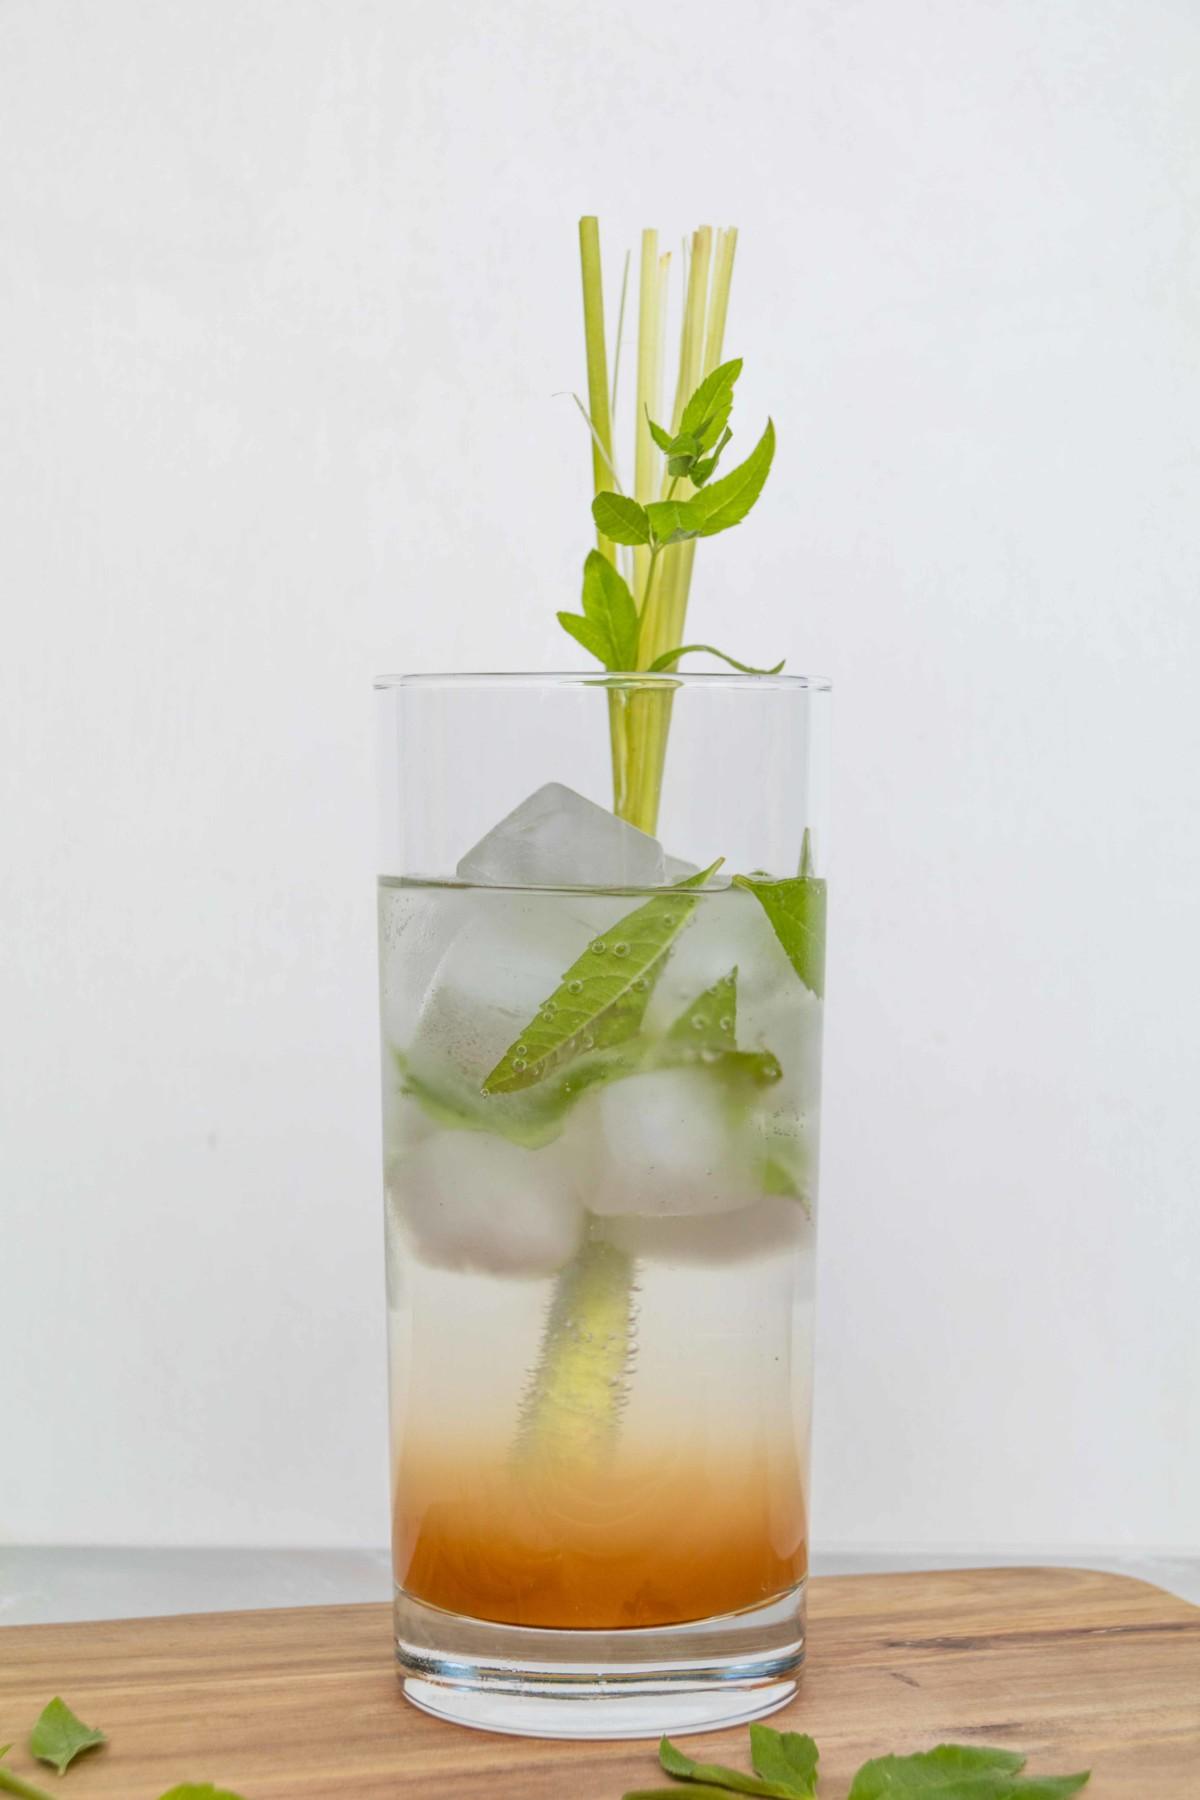 Erfrischender Zitronengras Eistee mit frischer Verbene // Iced Tea with Lemongras and lemon verbena by http://babyrockmyday.com/zitronengras-eistee/ [Dieser Beitrag enthält Werbung]